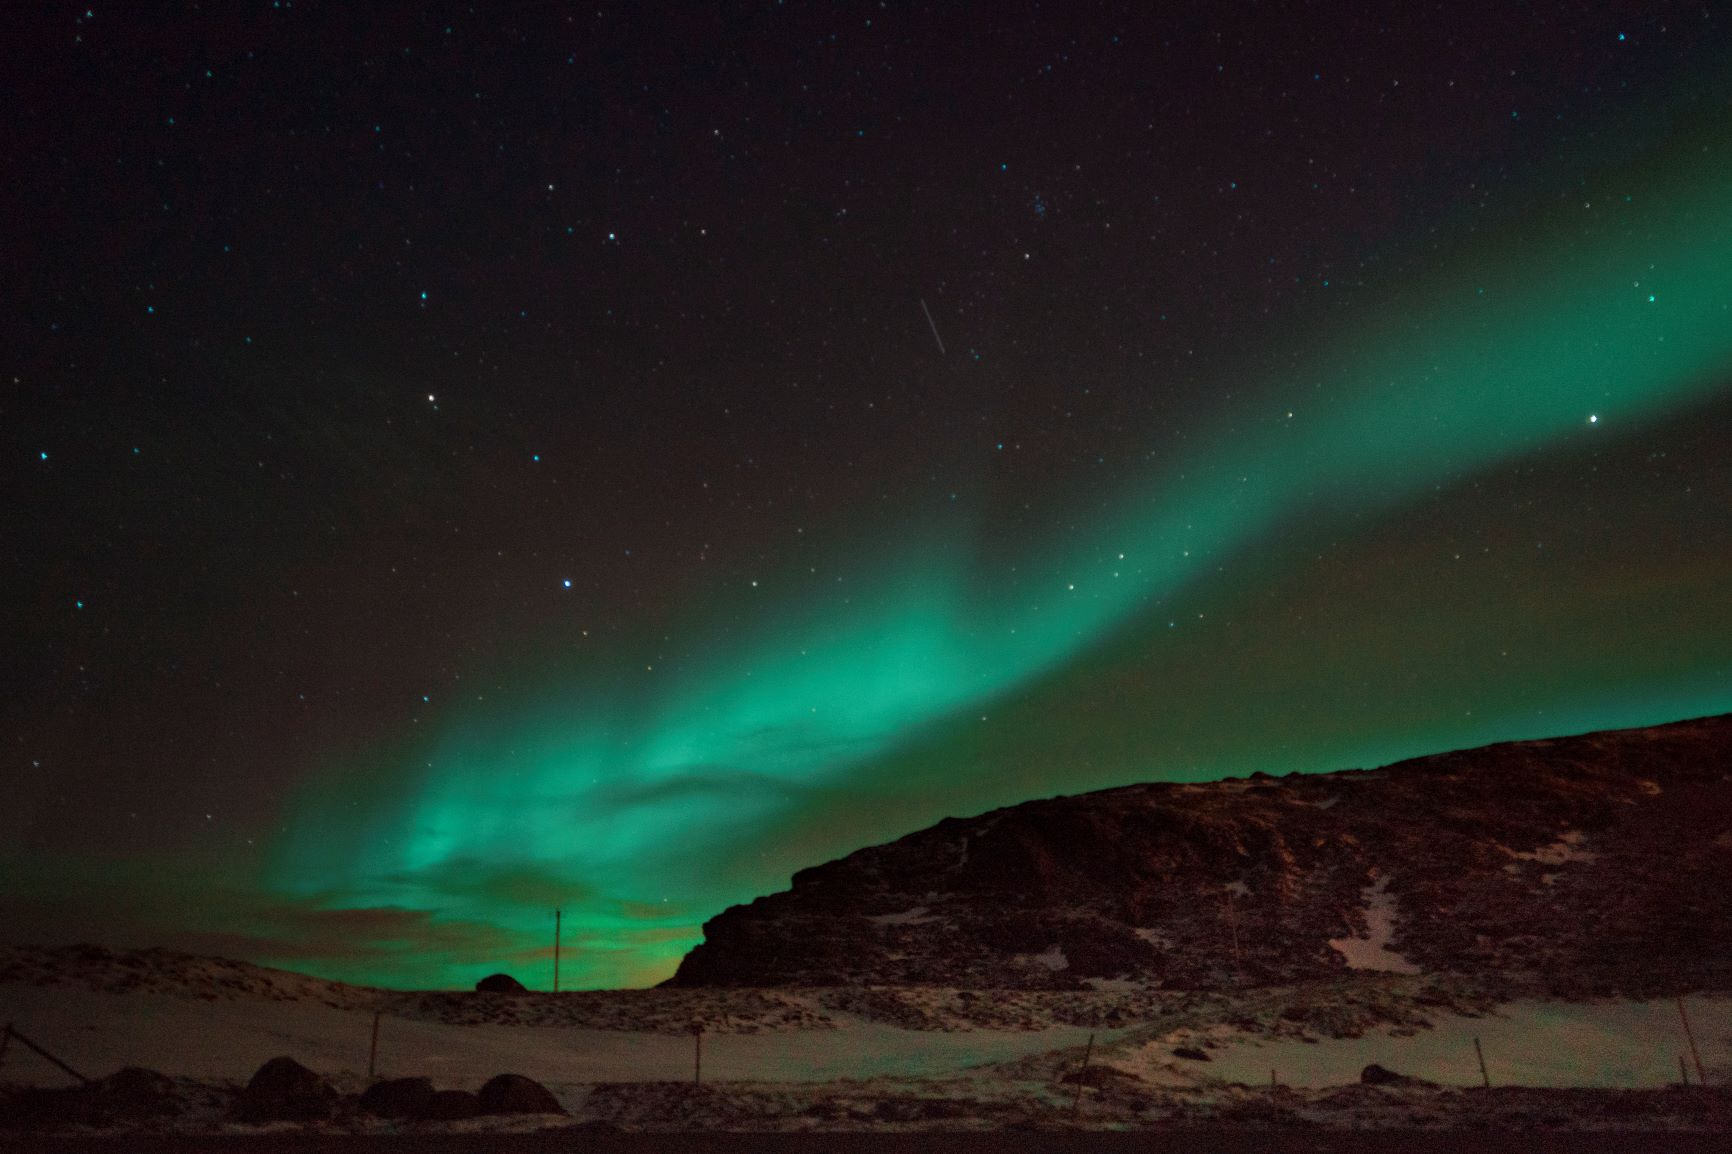 Une aurore boréale verte dans le ciel